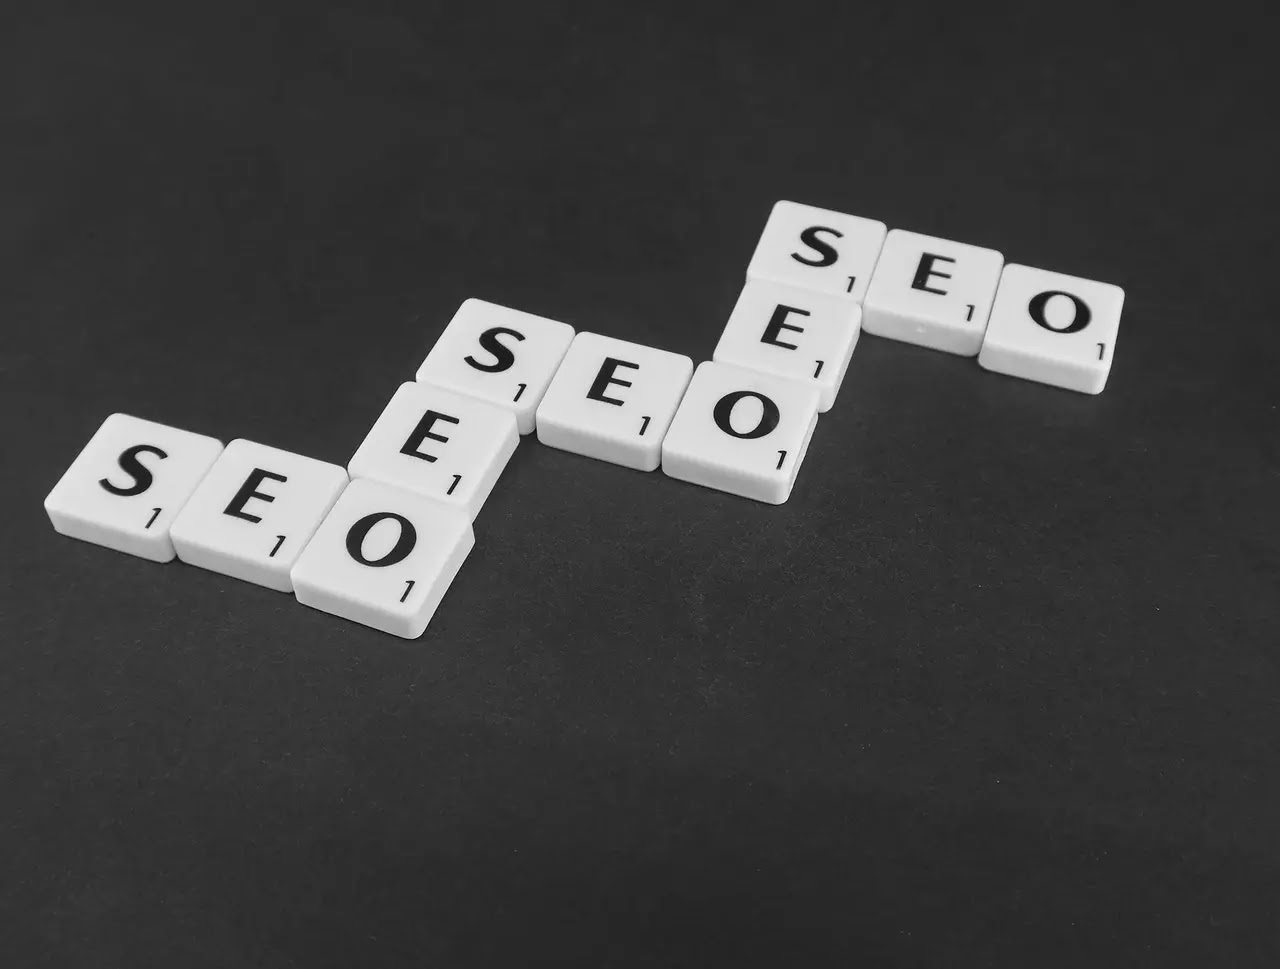 كيفية تصدر نتائج البحث جوجل وتحسين سيو موقعك